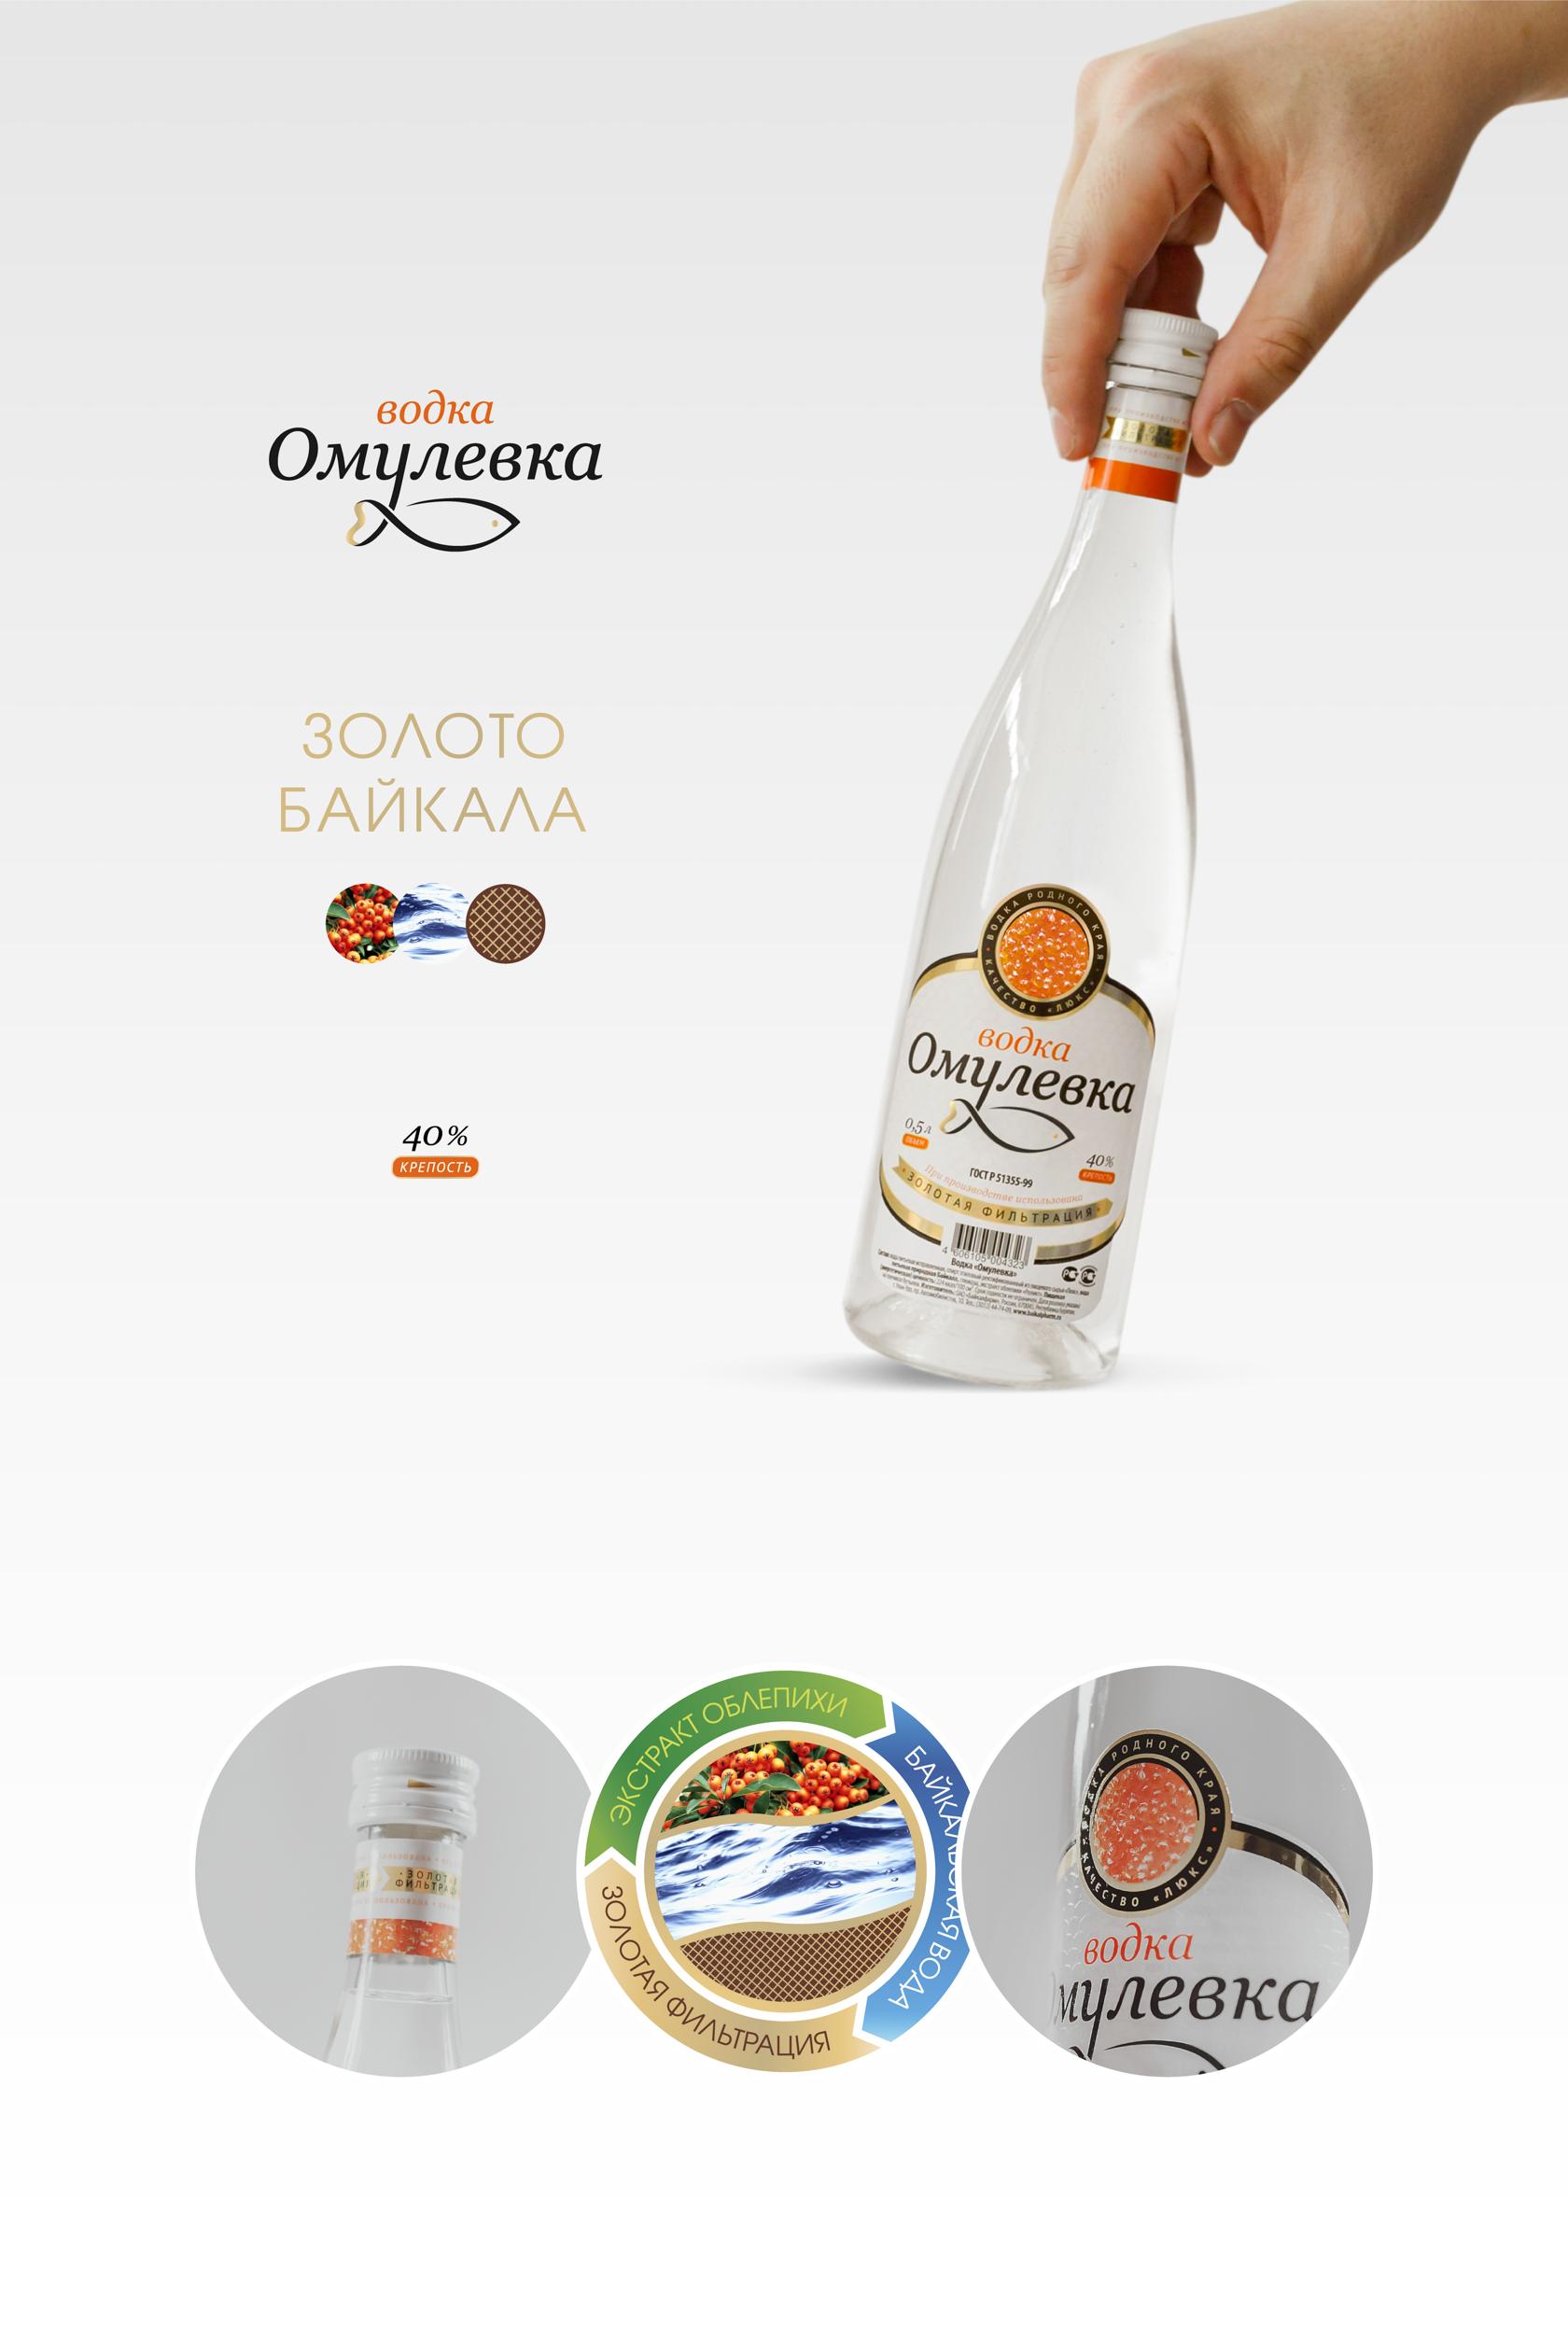 Разработка логотипа, концепция, дизайн этикетки, упаковка